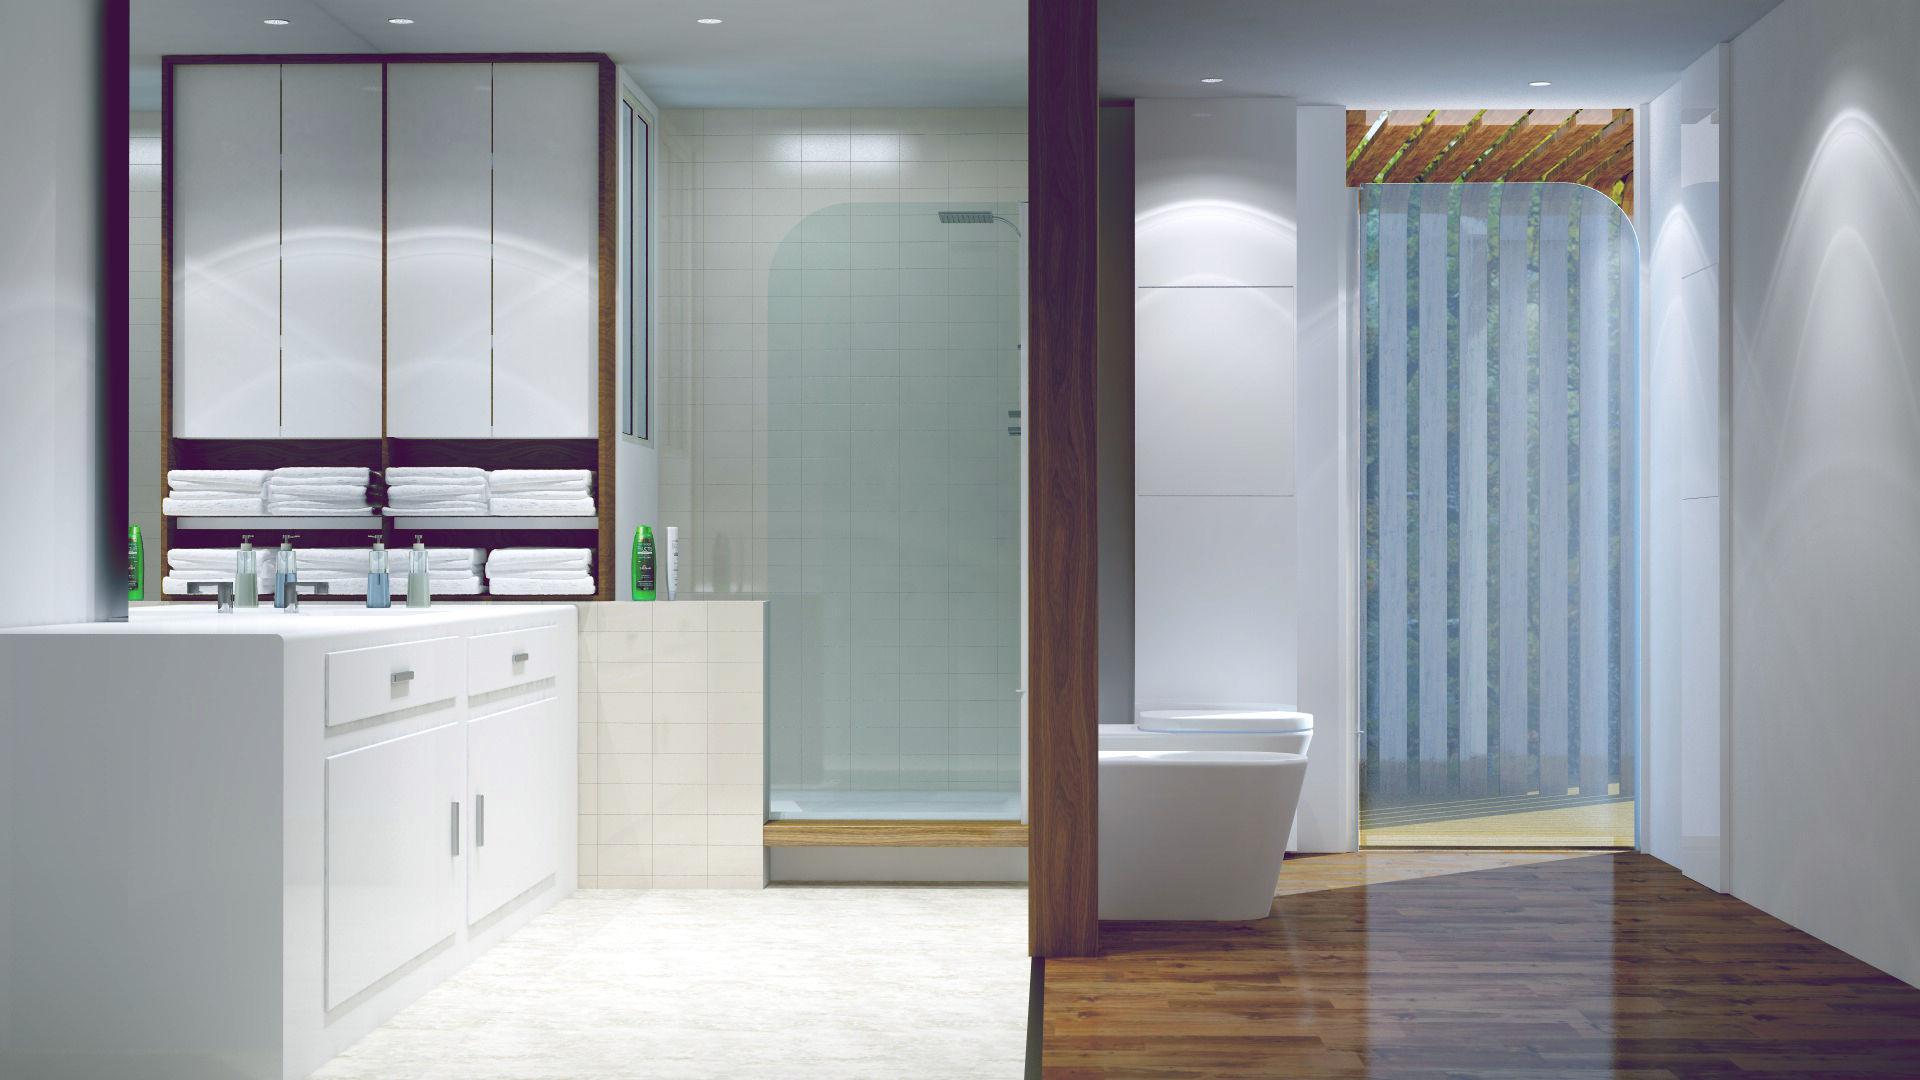 salle d eau architecture interieur2 - Réalisation d'une salle d'eau dans une maison à Nantes